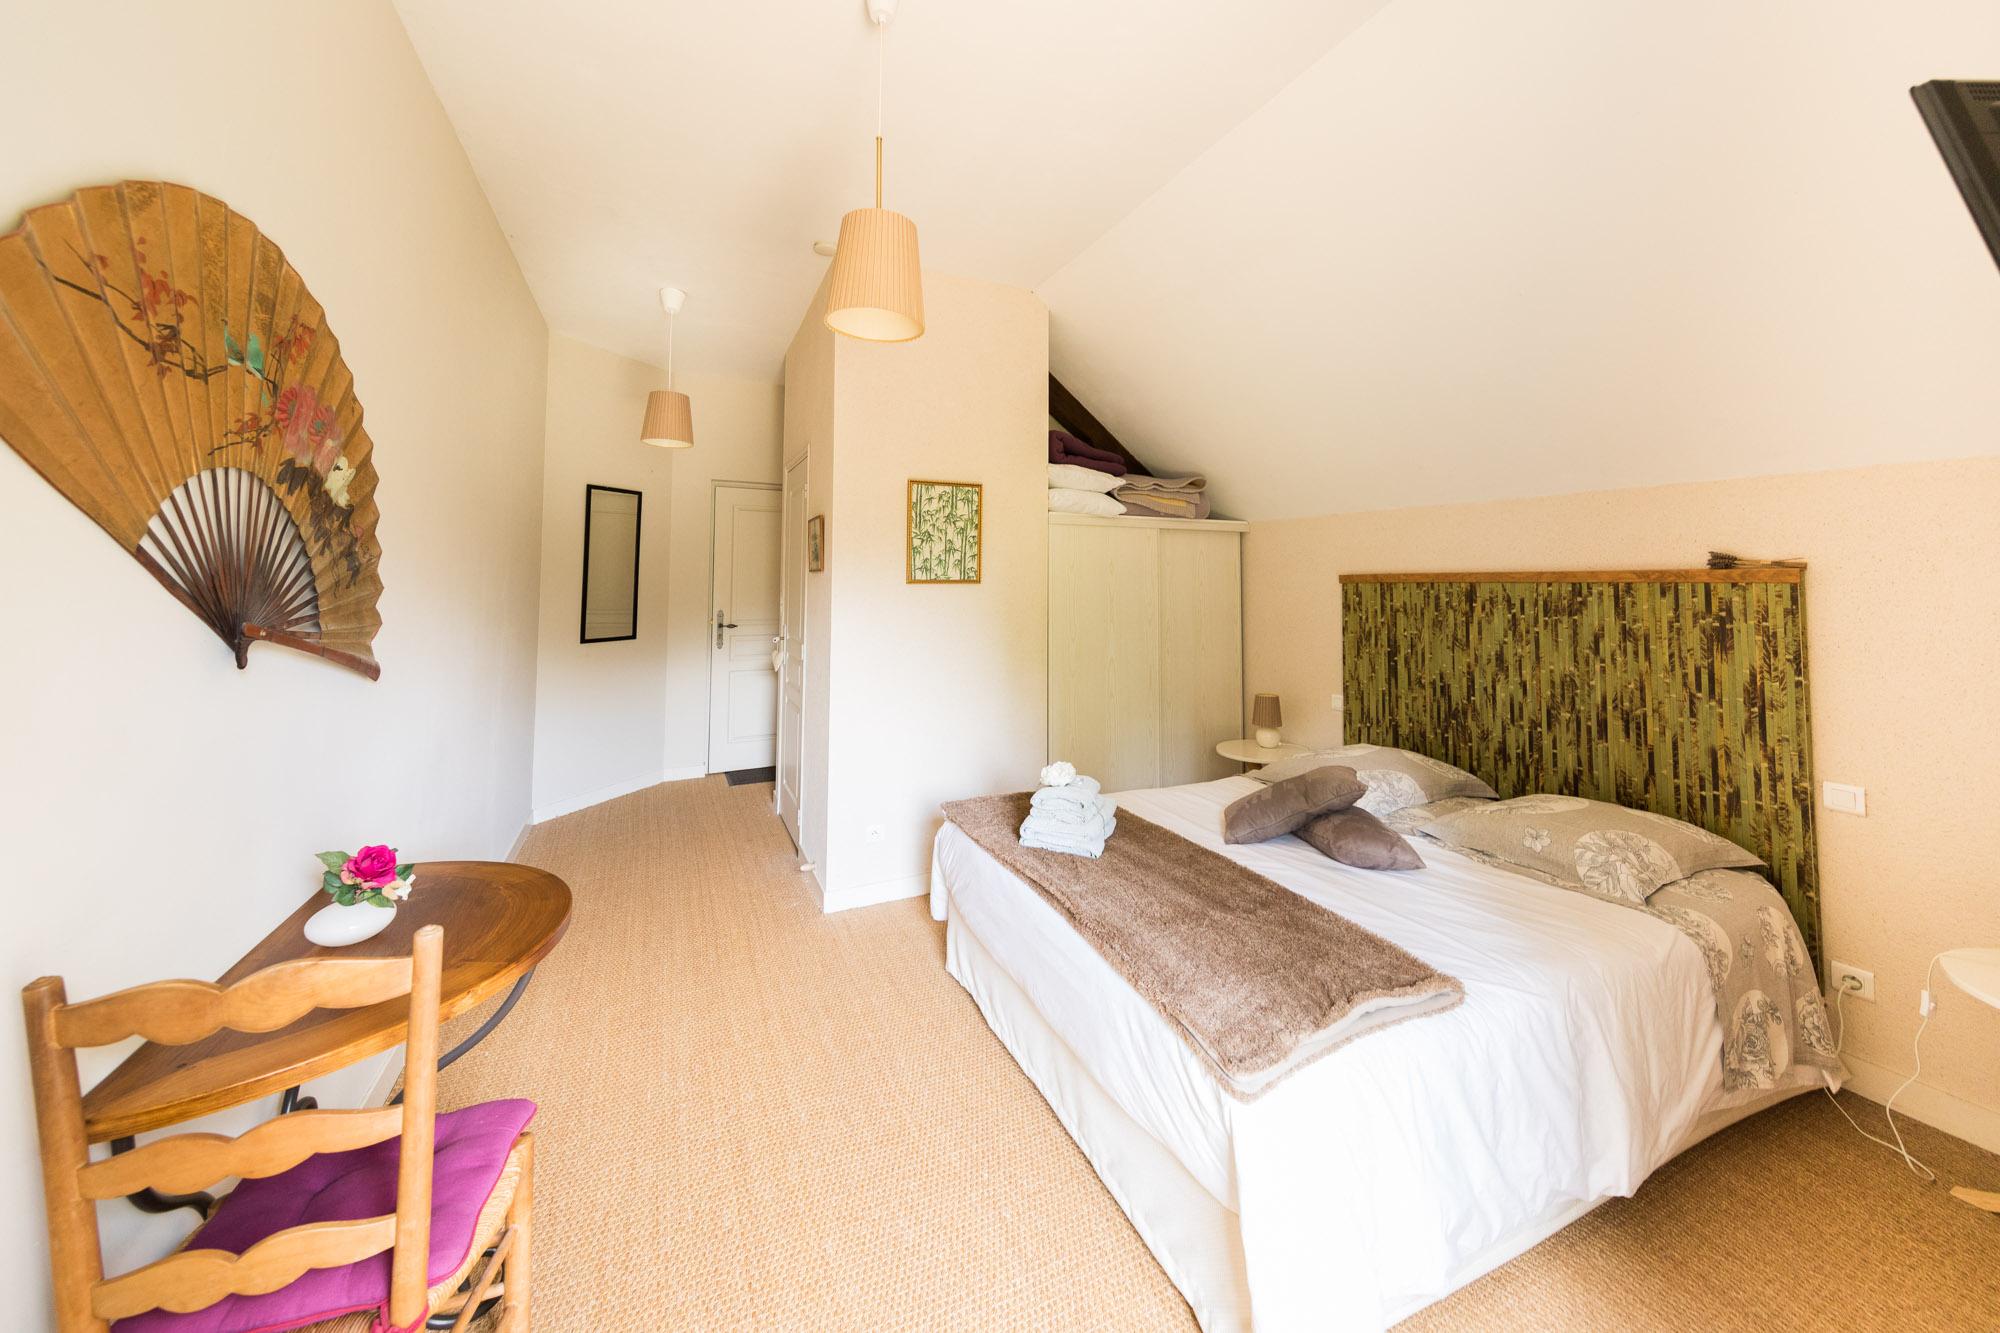 Rive Gauche Maze Chambres d'hotes Bamboo